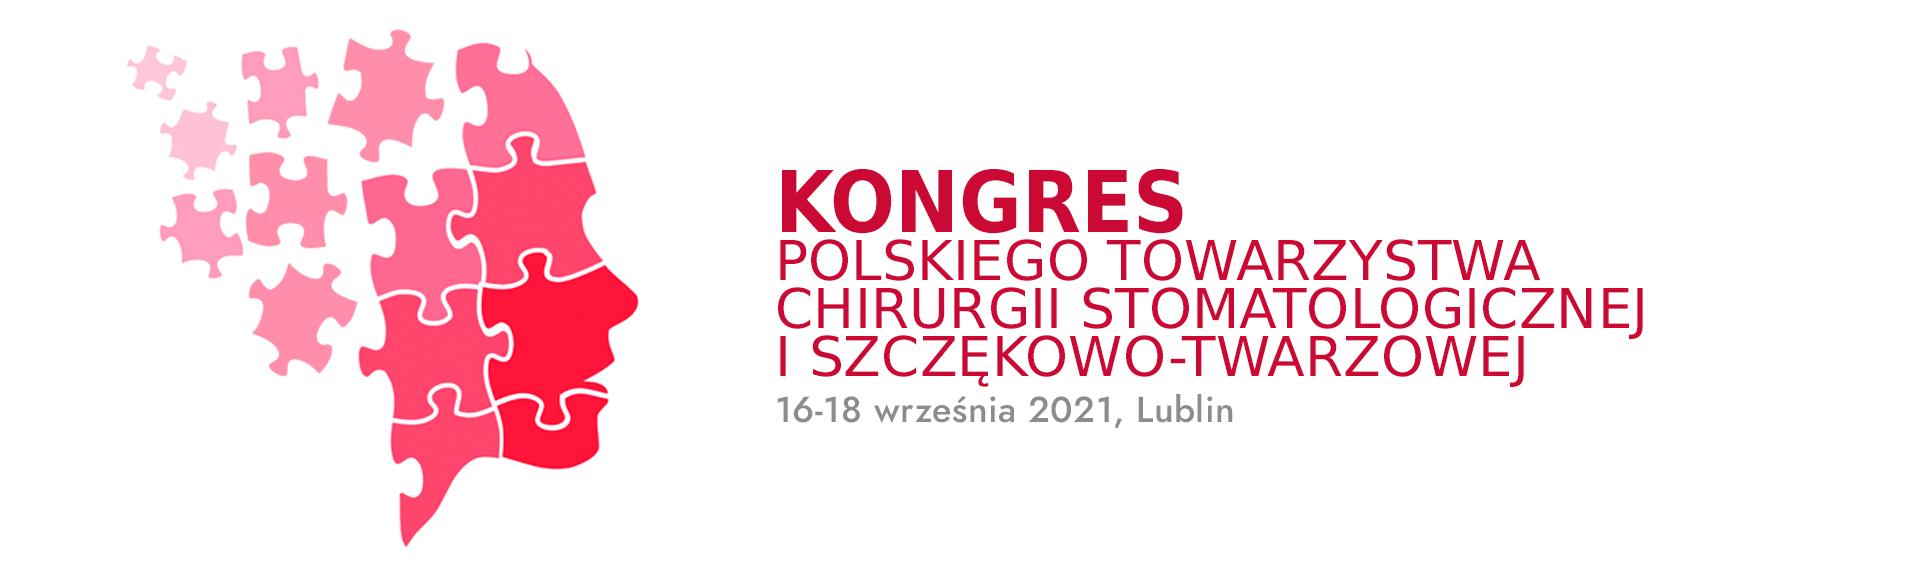 Kongres Polskiego Towarzystwa Chirurgii Stomatologicznej i Szczękowo-Twarzowej